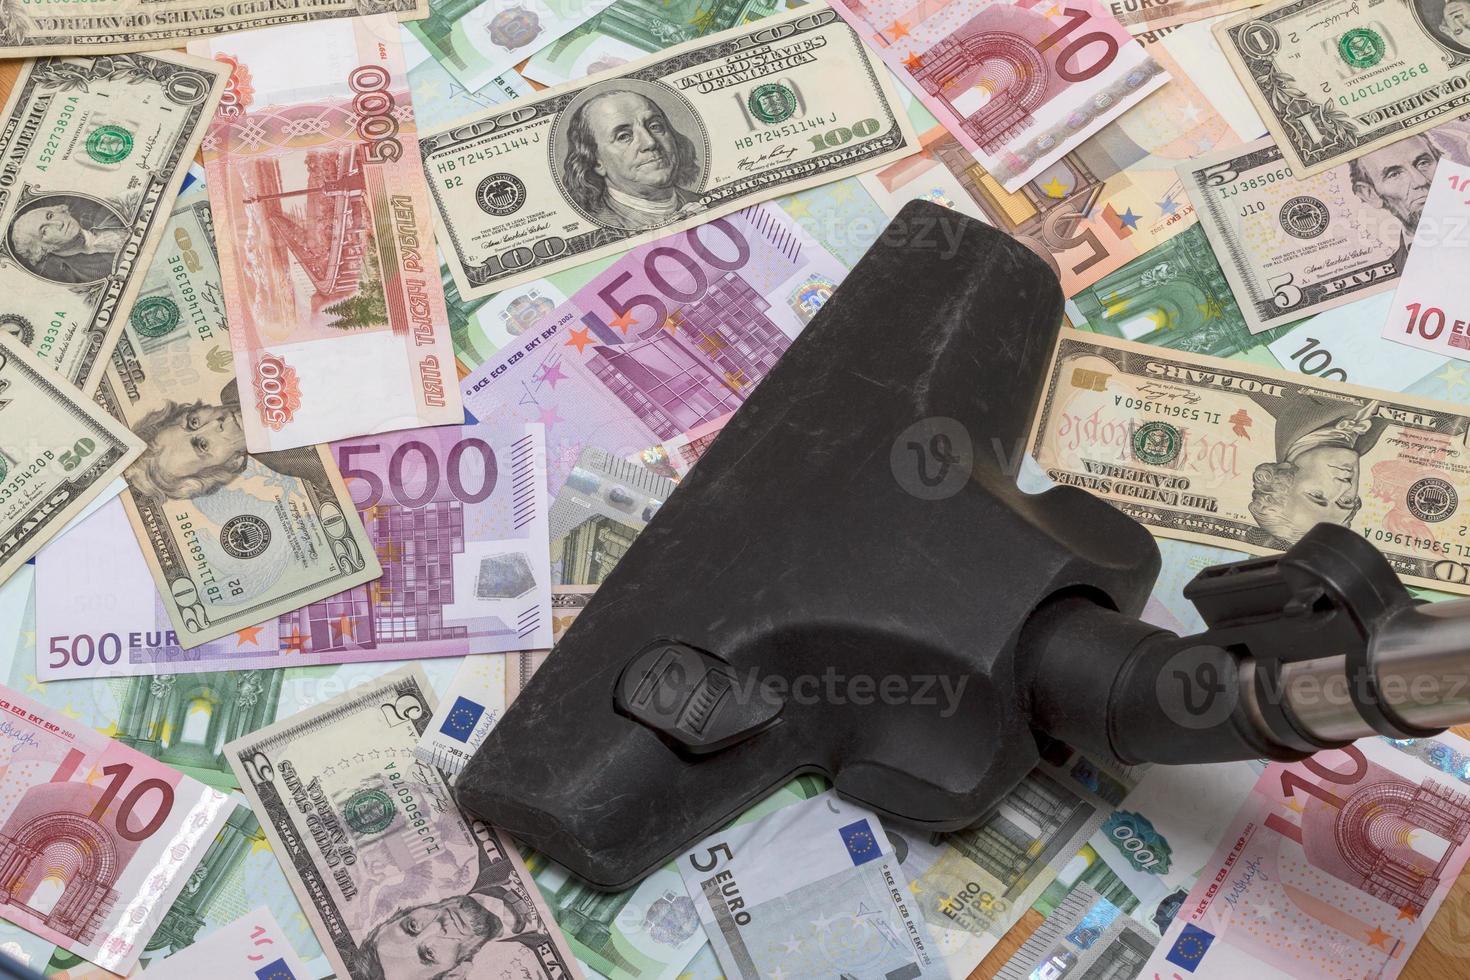 verschiedene Banknoten und Staubsauger foto